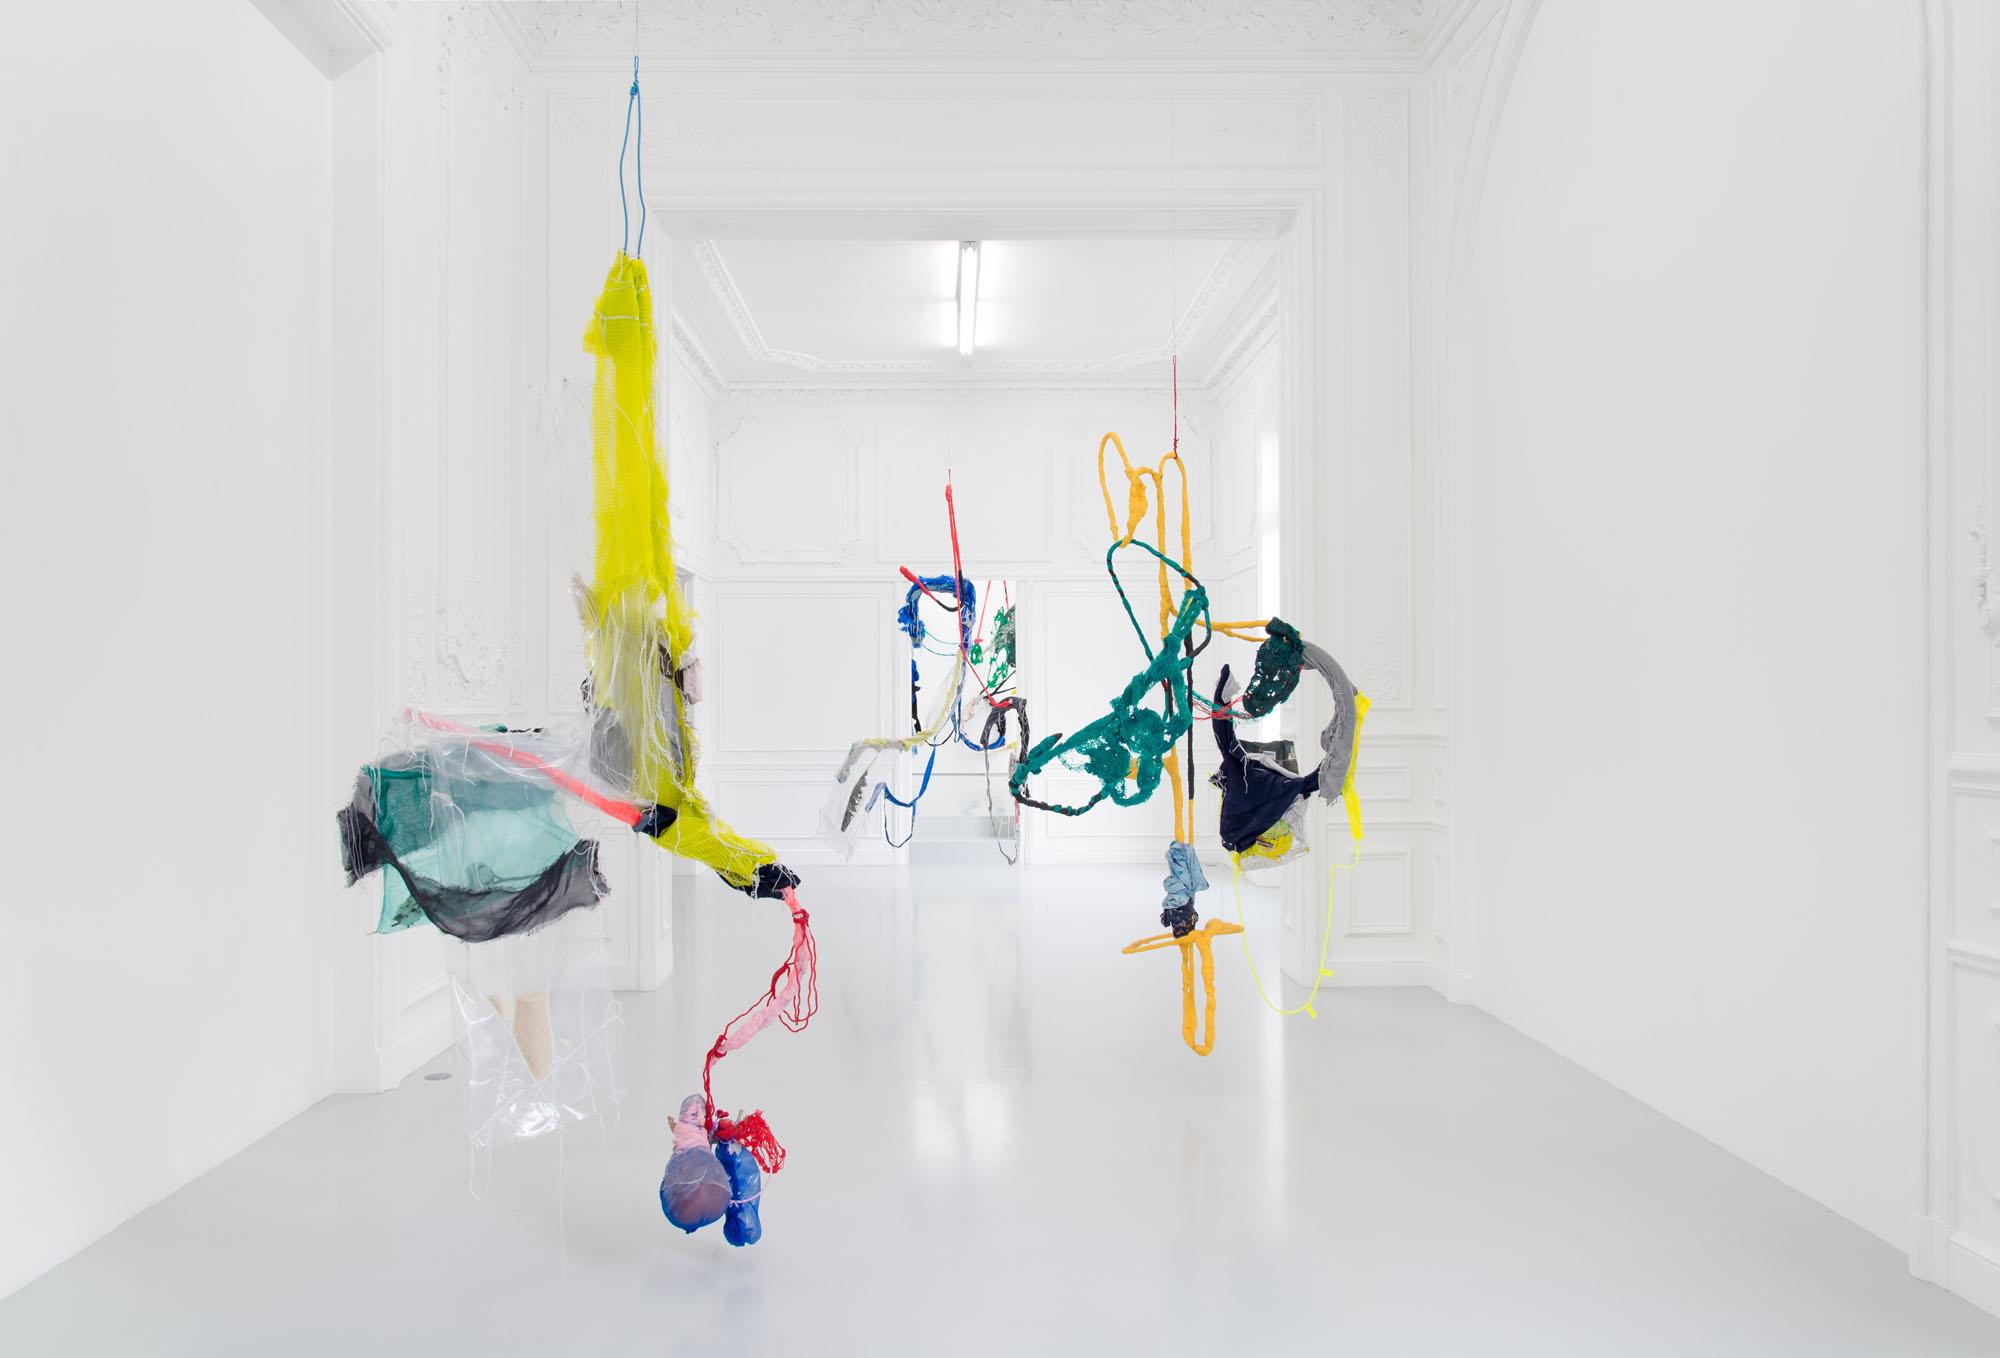 Julien Creuzet at High Art – Art Viewer